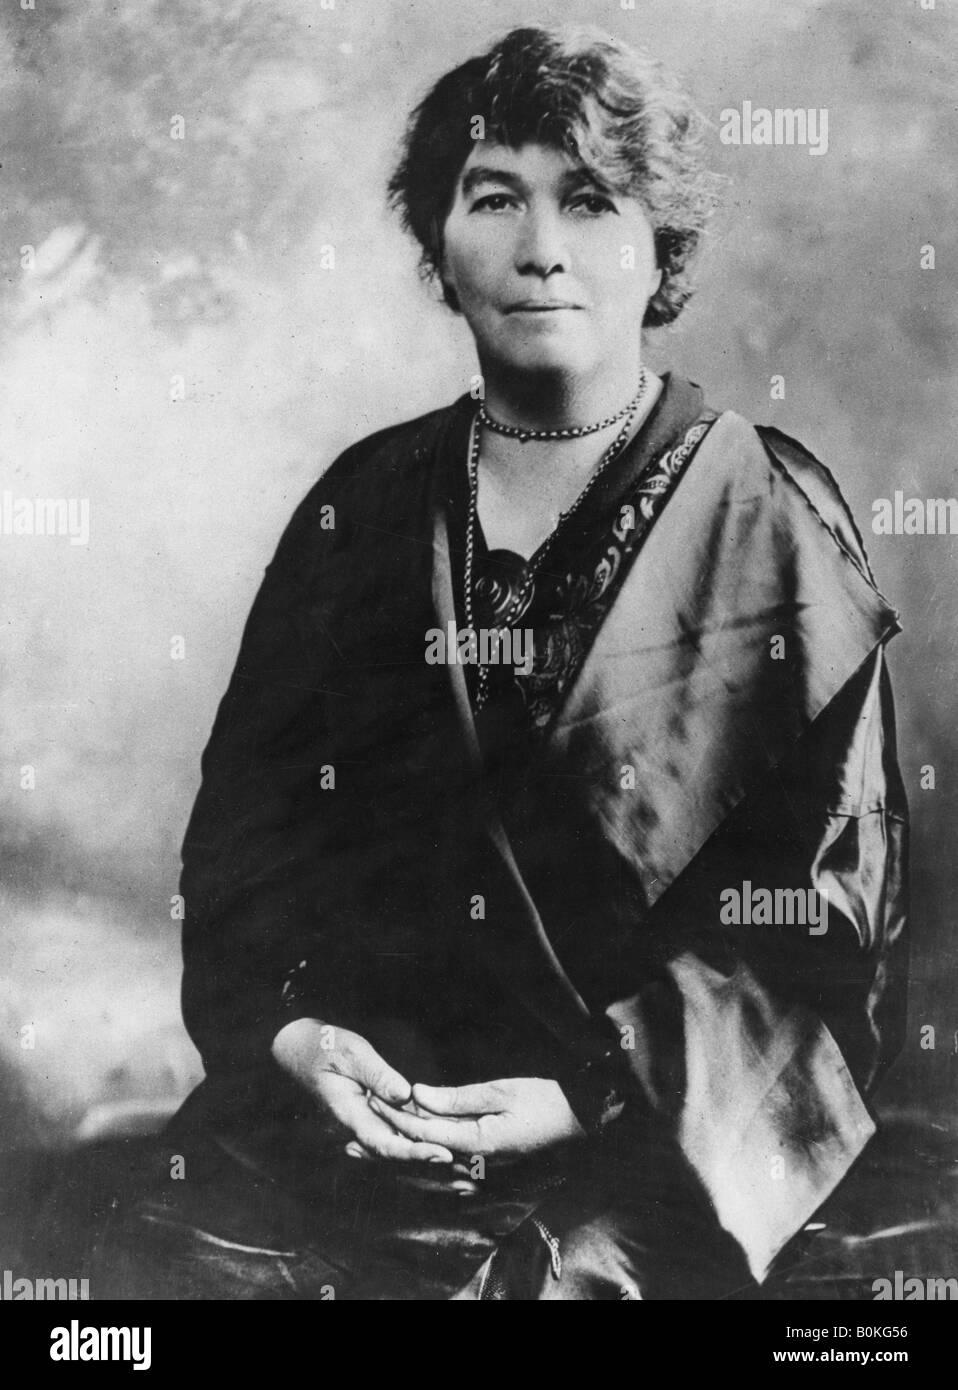 Emmeline Pethick-Lawrence (1867-1954), suffragette britannique, au début du xxe siècle. Artiste: Inconnu Banque D'Images